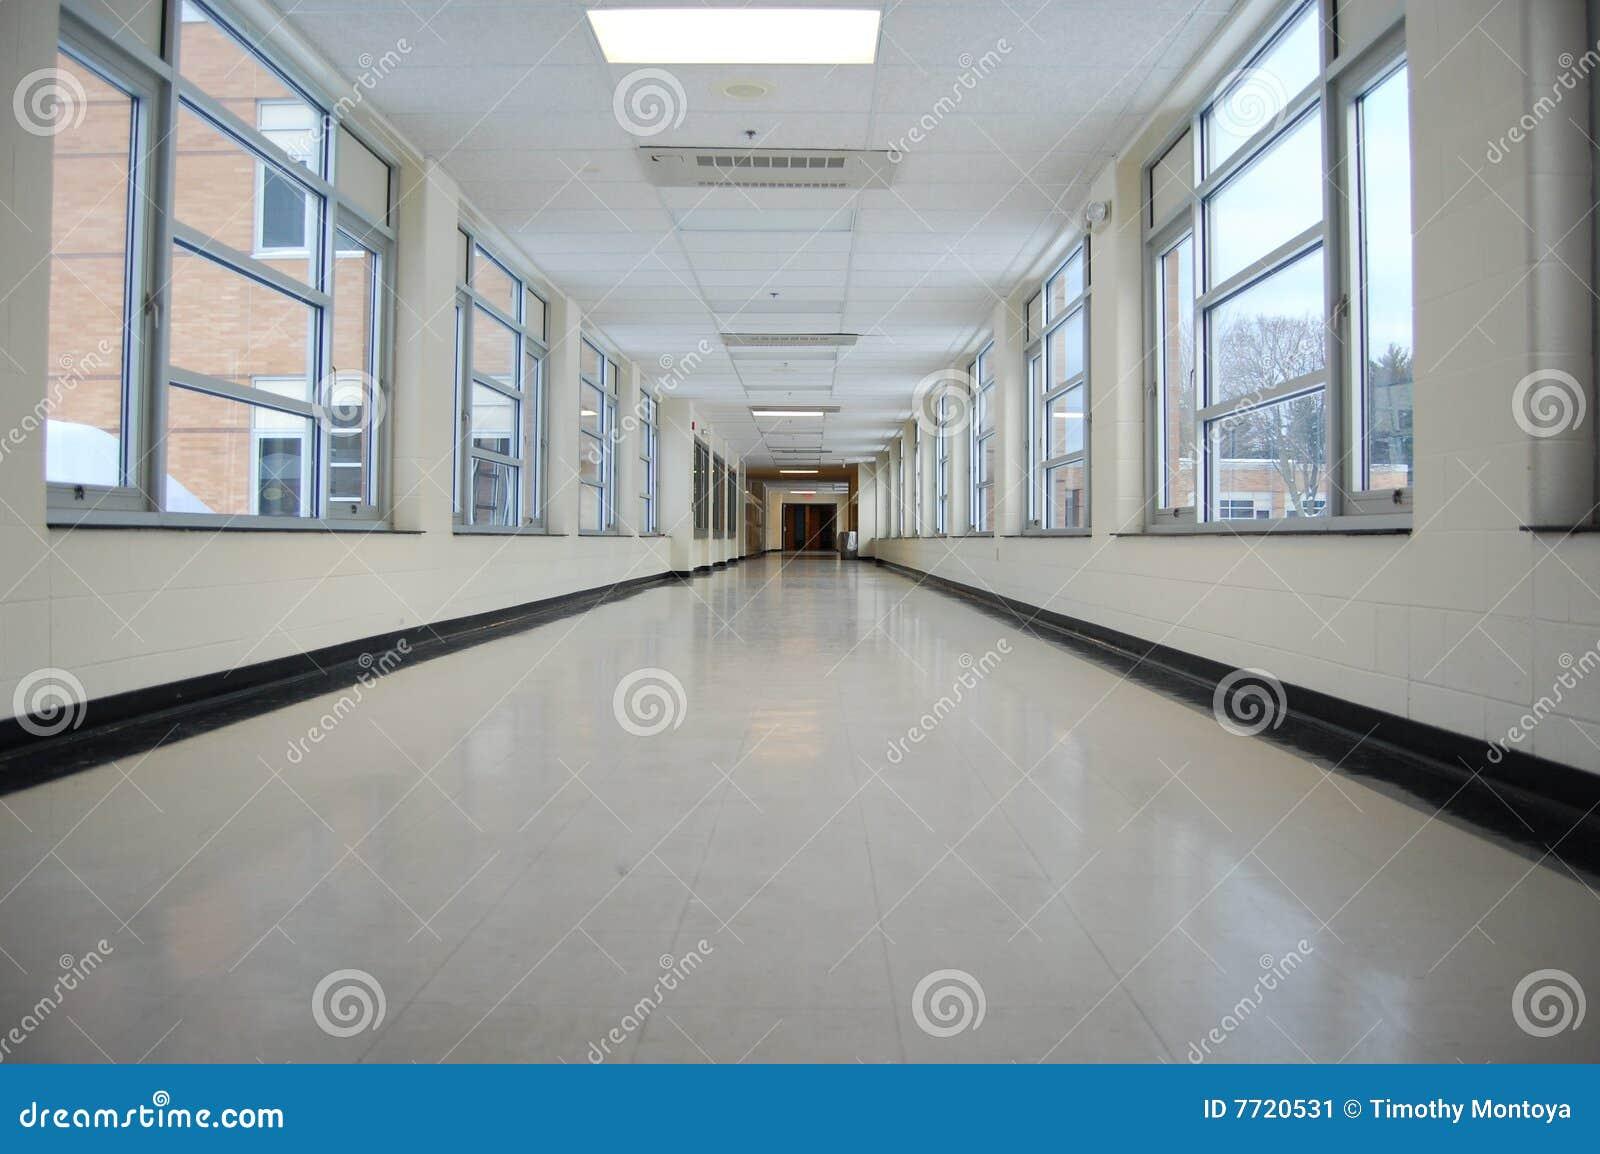 De gang van de school stock afbeelding beeld 7720531 - Een gang ...